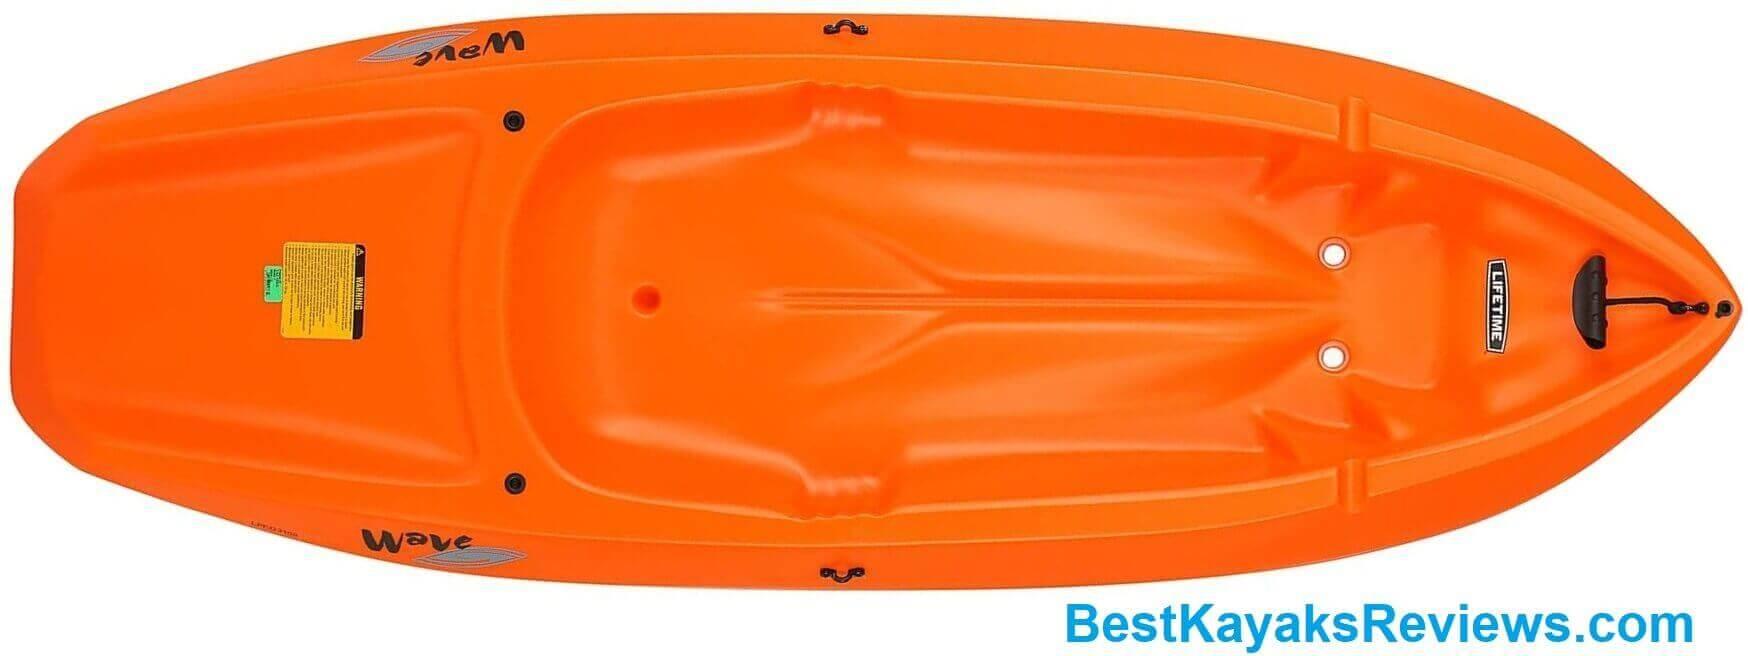 Lifetime 90479 Youth Wave Kayak